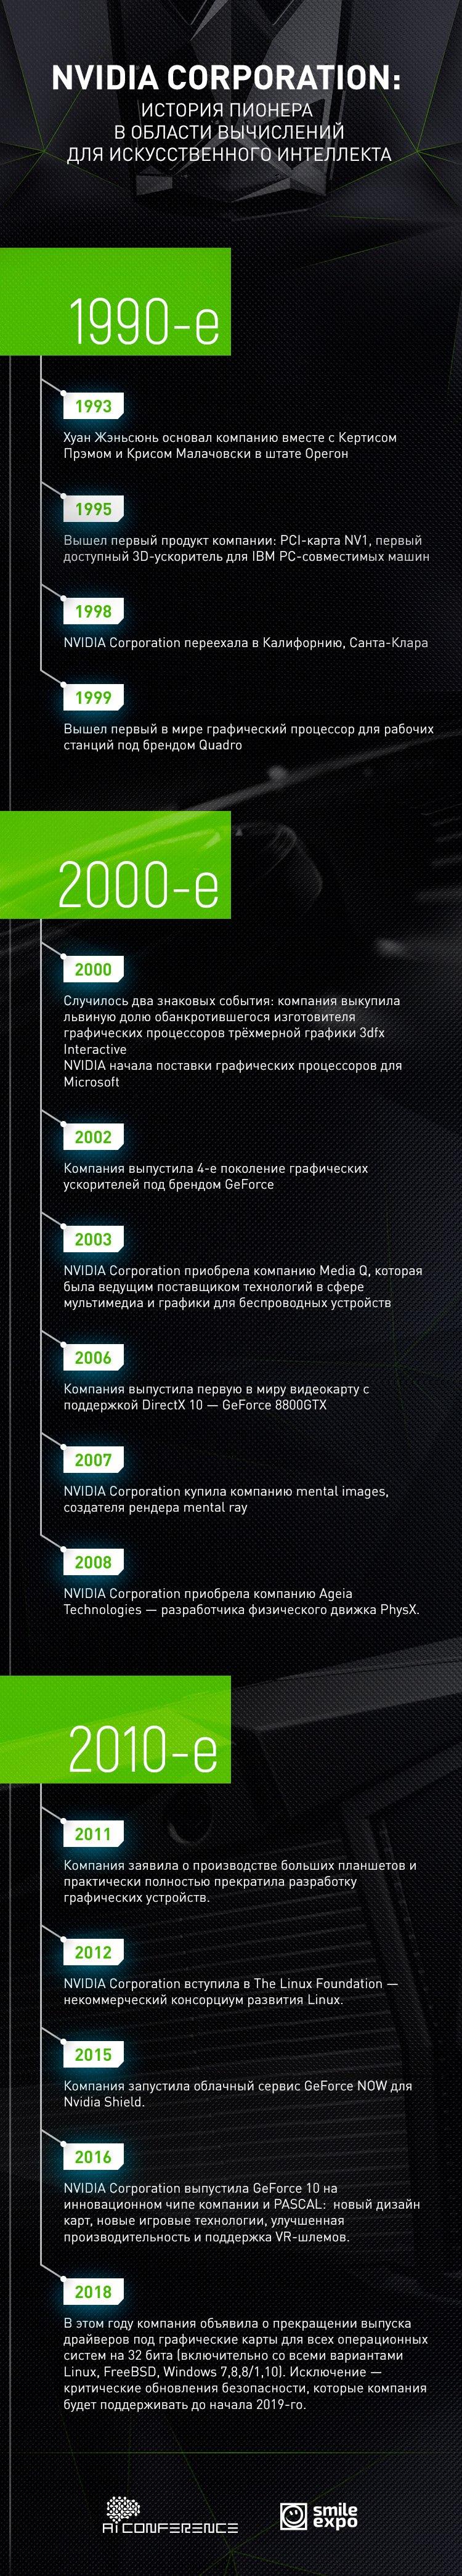 Artificial Intelligence Conference: NVIDIA Corporation: istoriya pionera v oblasti vyichisleniy dlya iskusstvennogo intellekta - 1